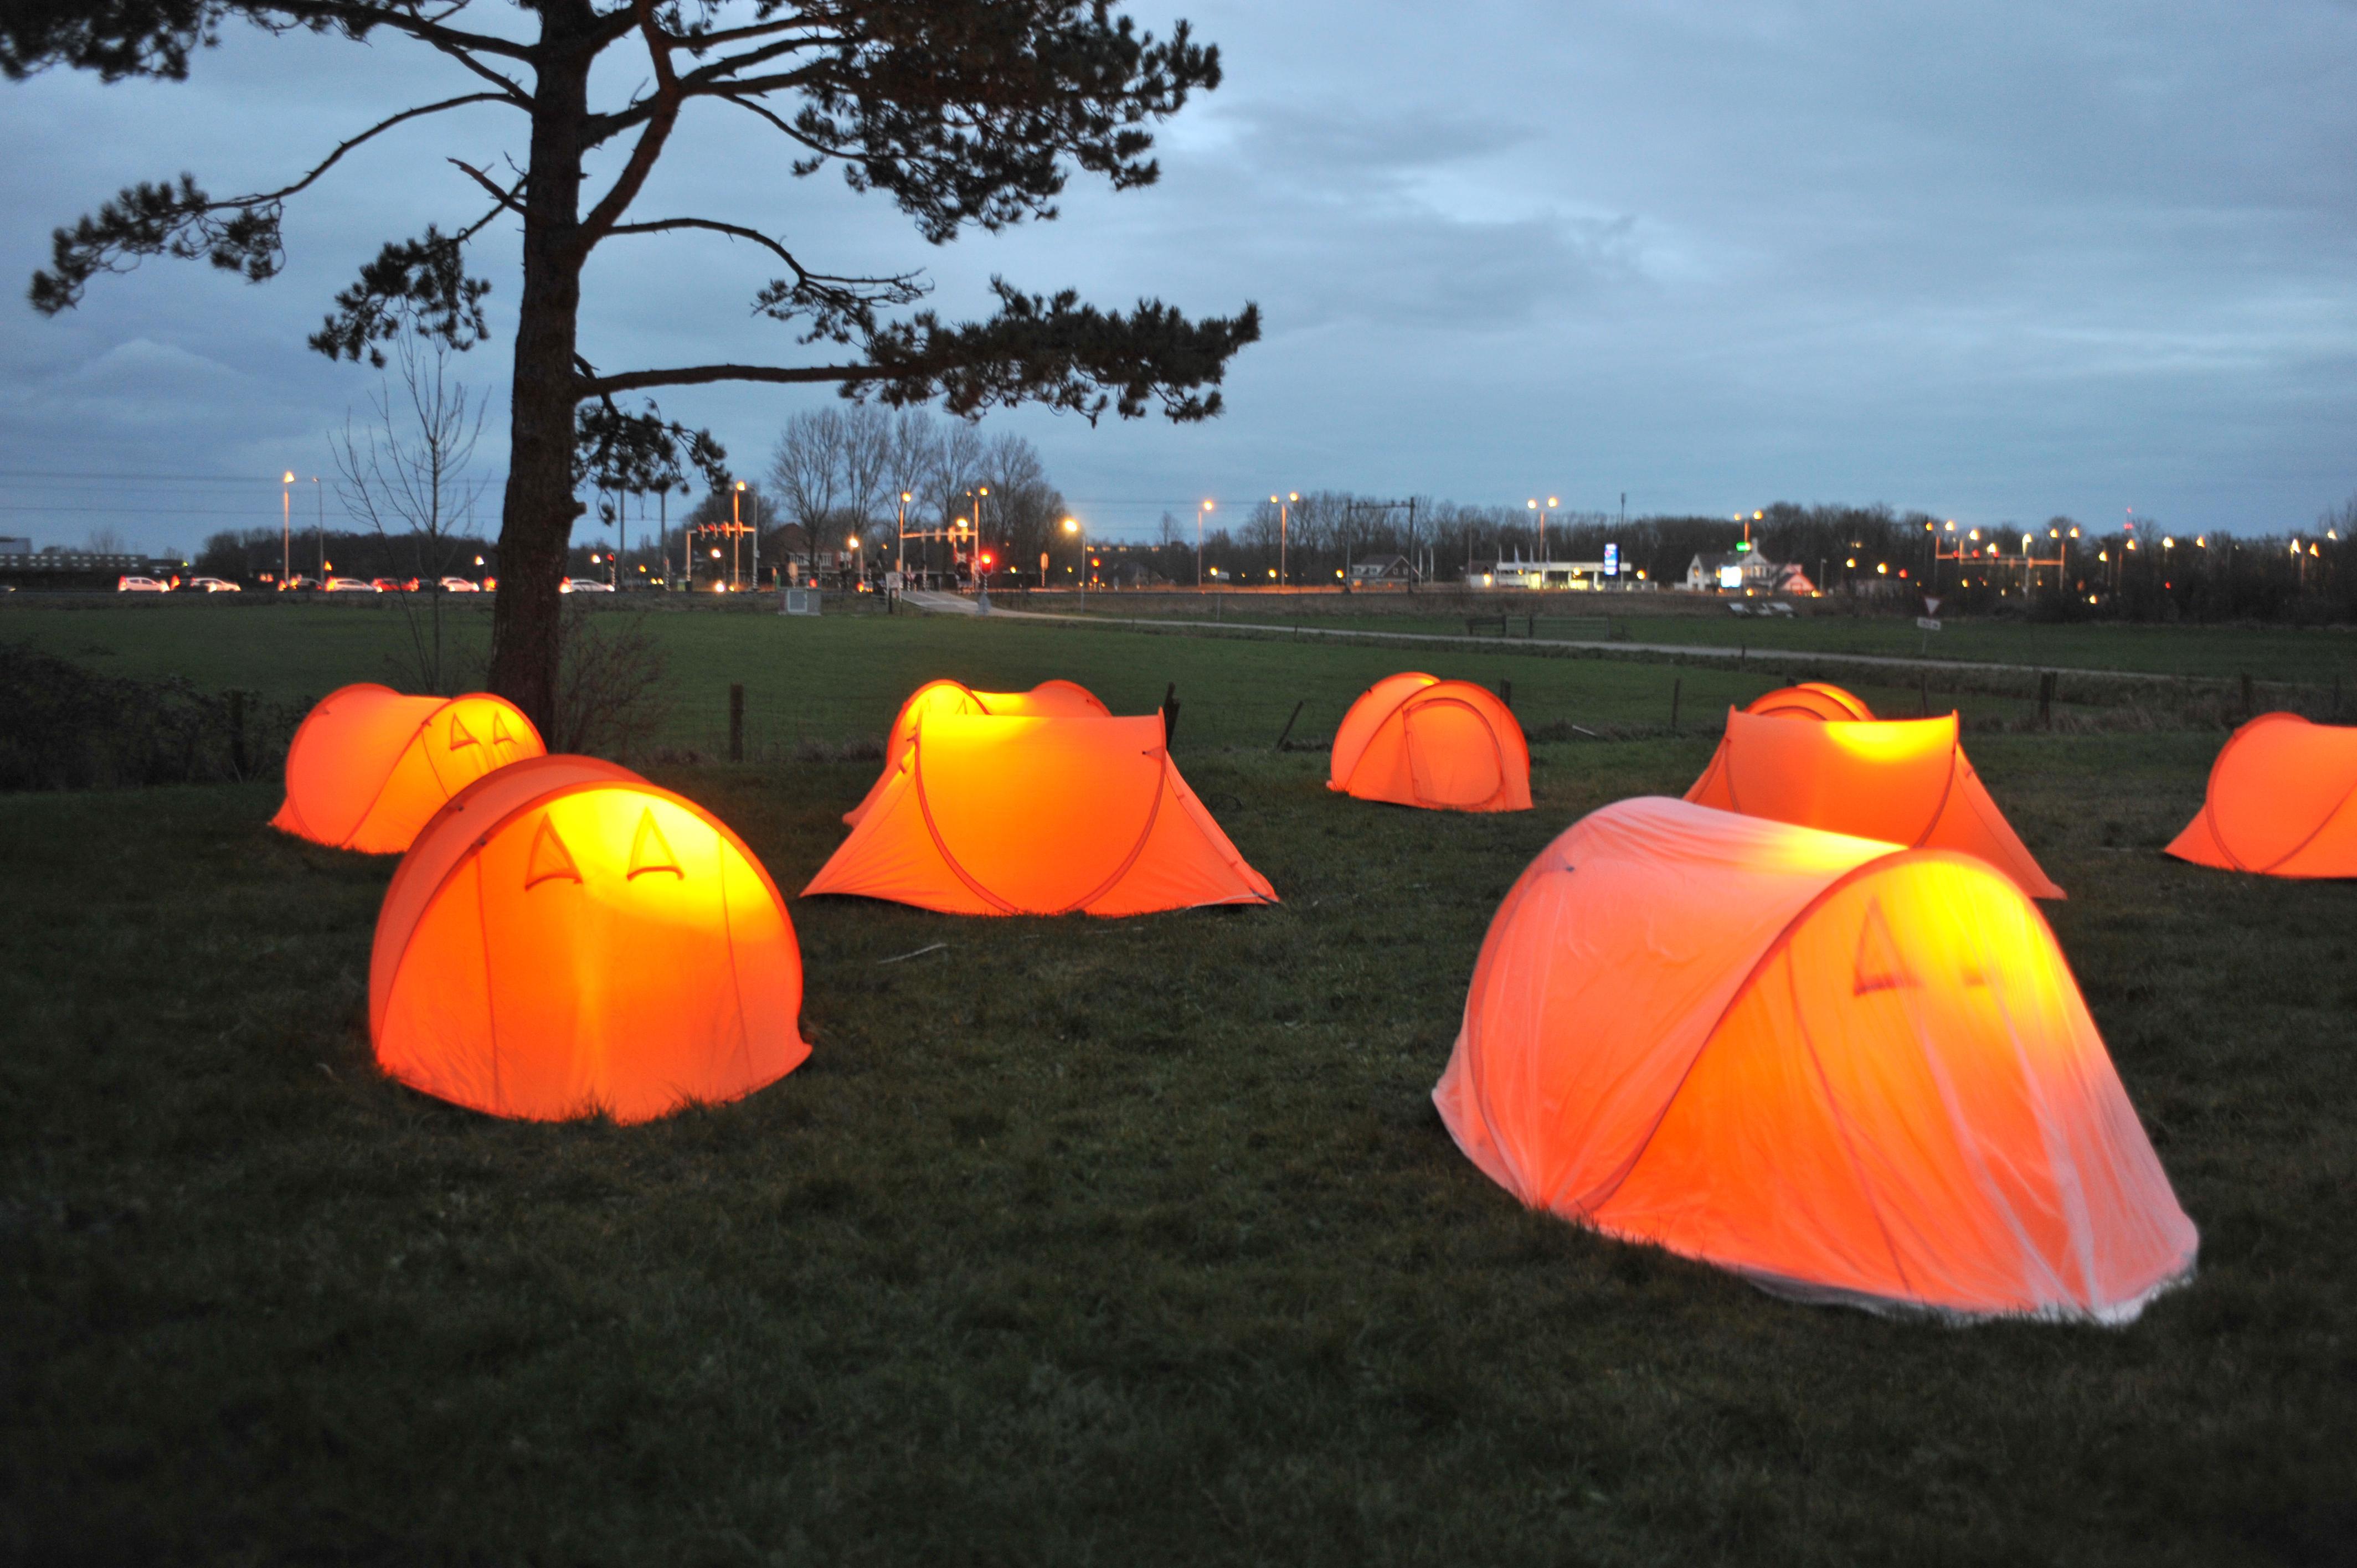 Tien verlichte tentjes als lampionnen in het veld bij Uitgeest: over vrolijkheid en diepe ellende tegelijk